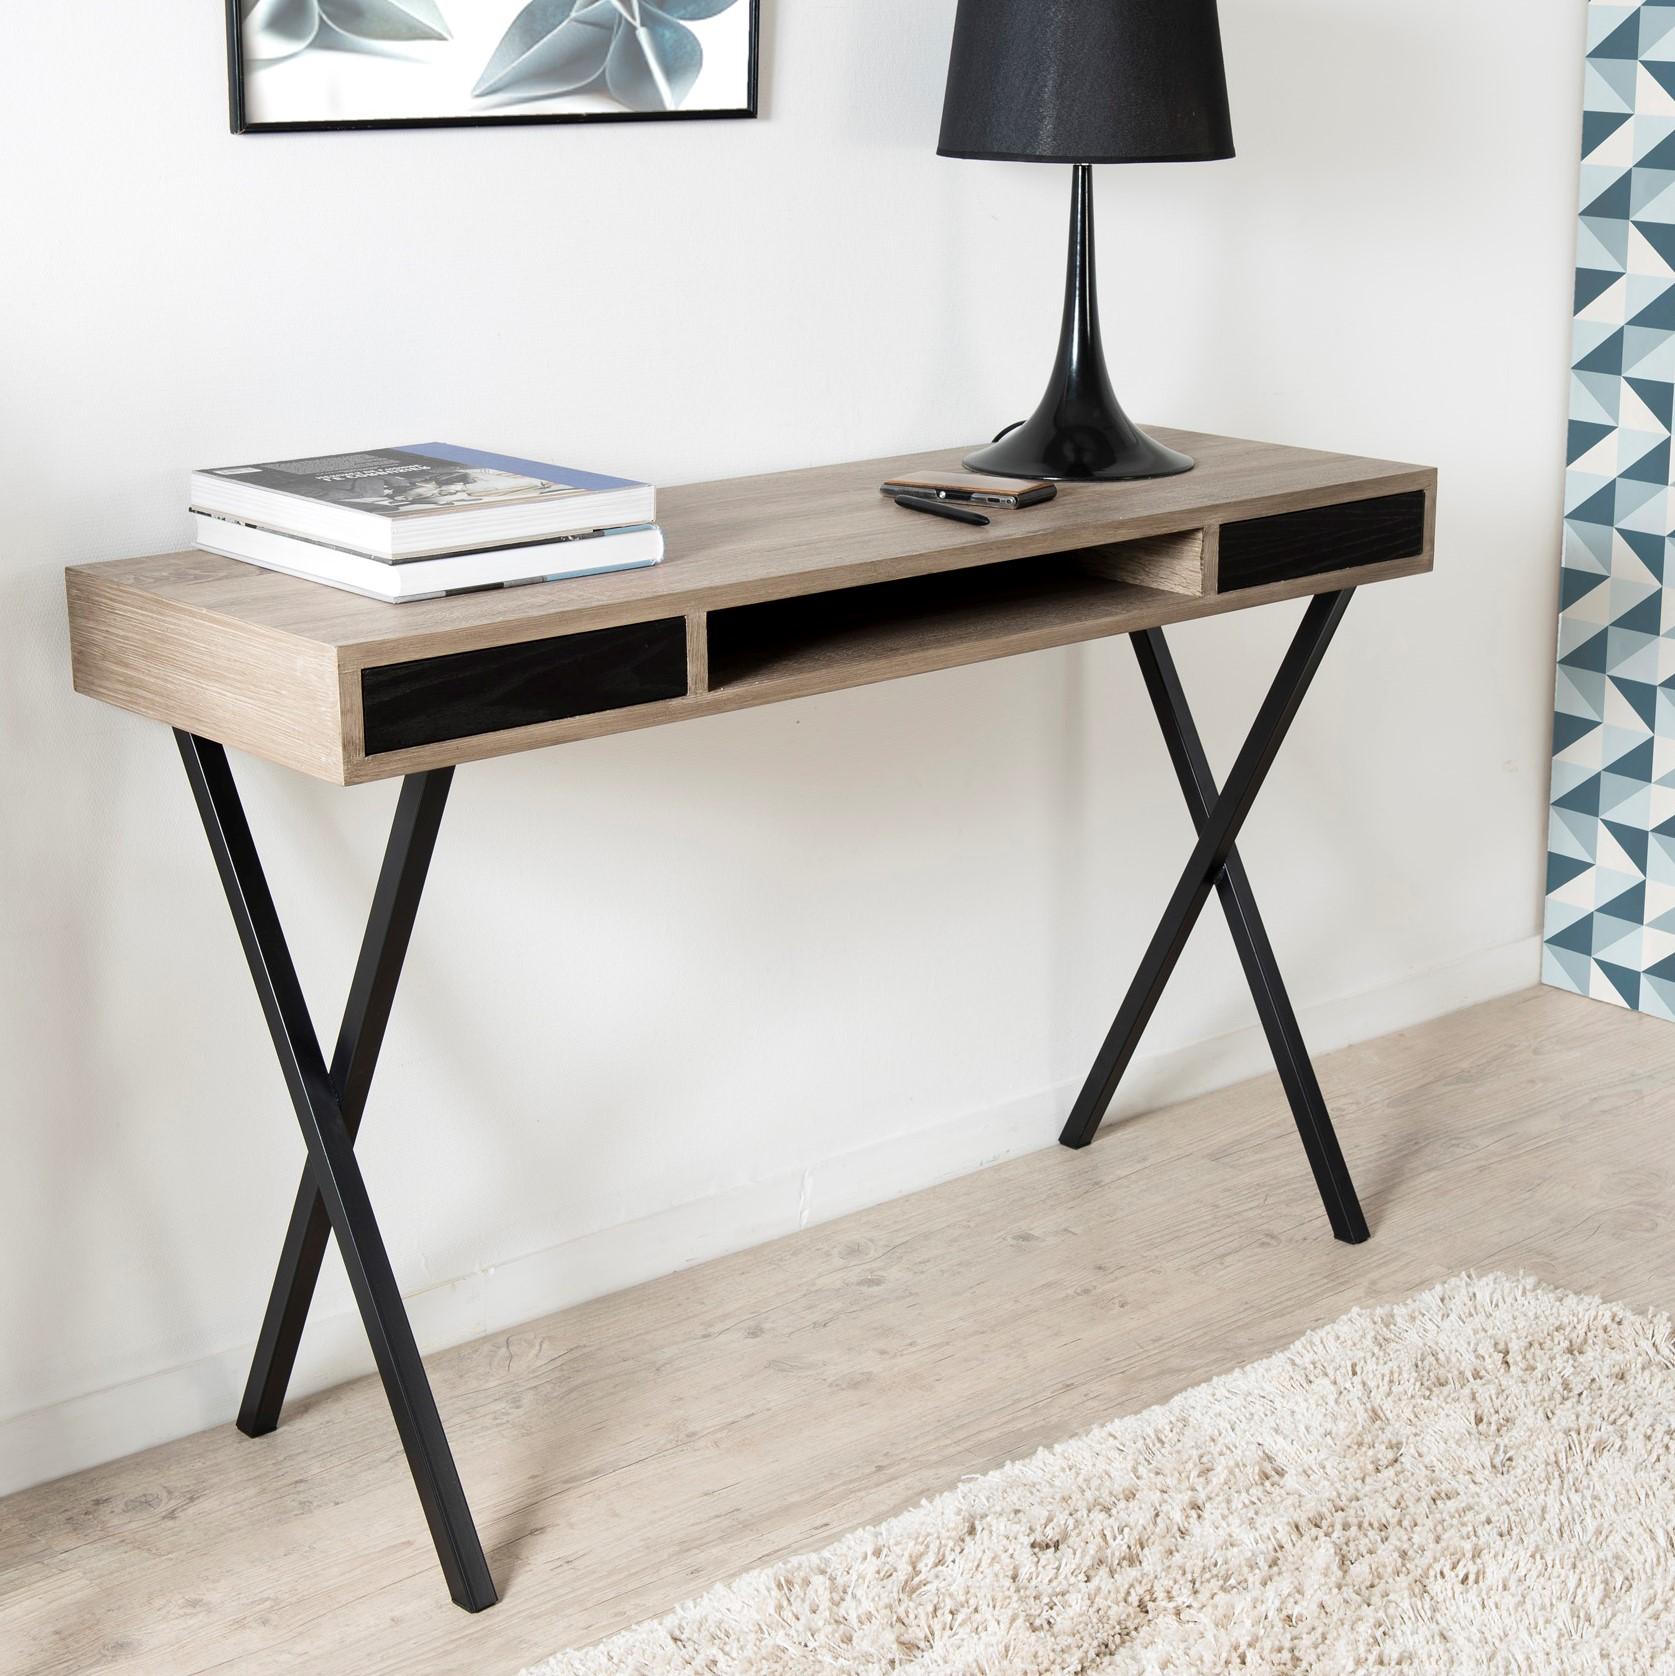 bureau console retro bois 2 tiroirs et pieds croises metal noir 120x40x78cm landaise